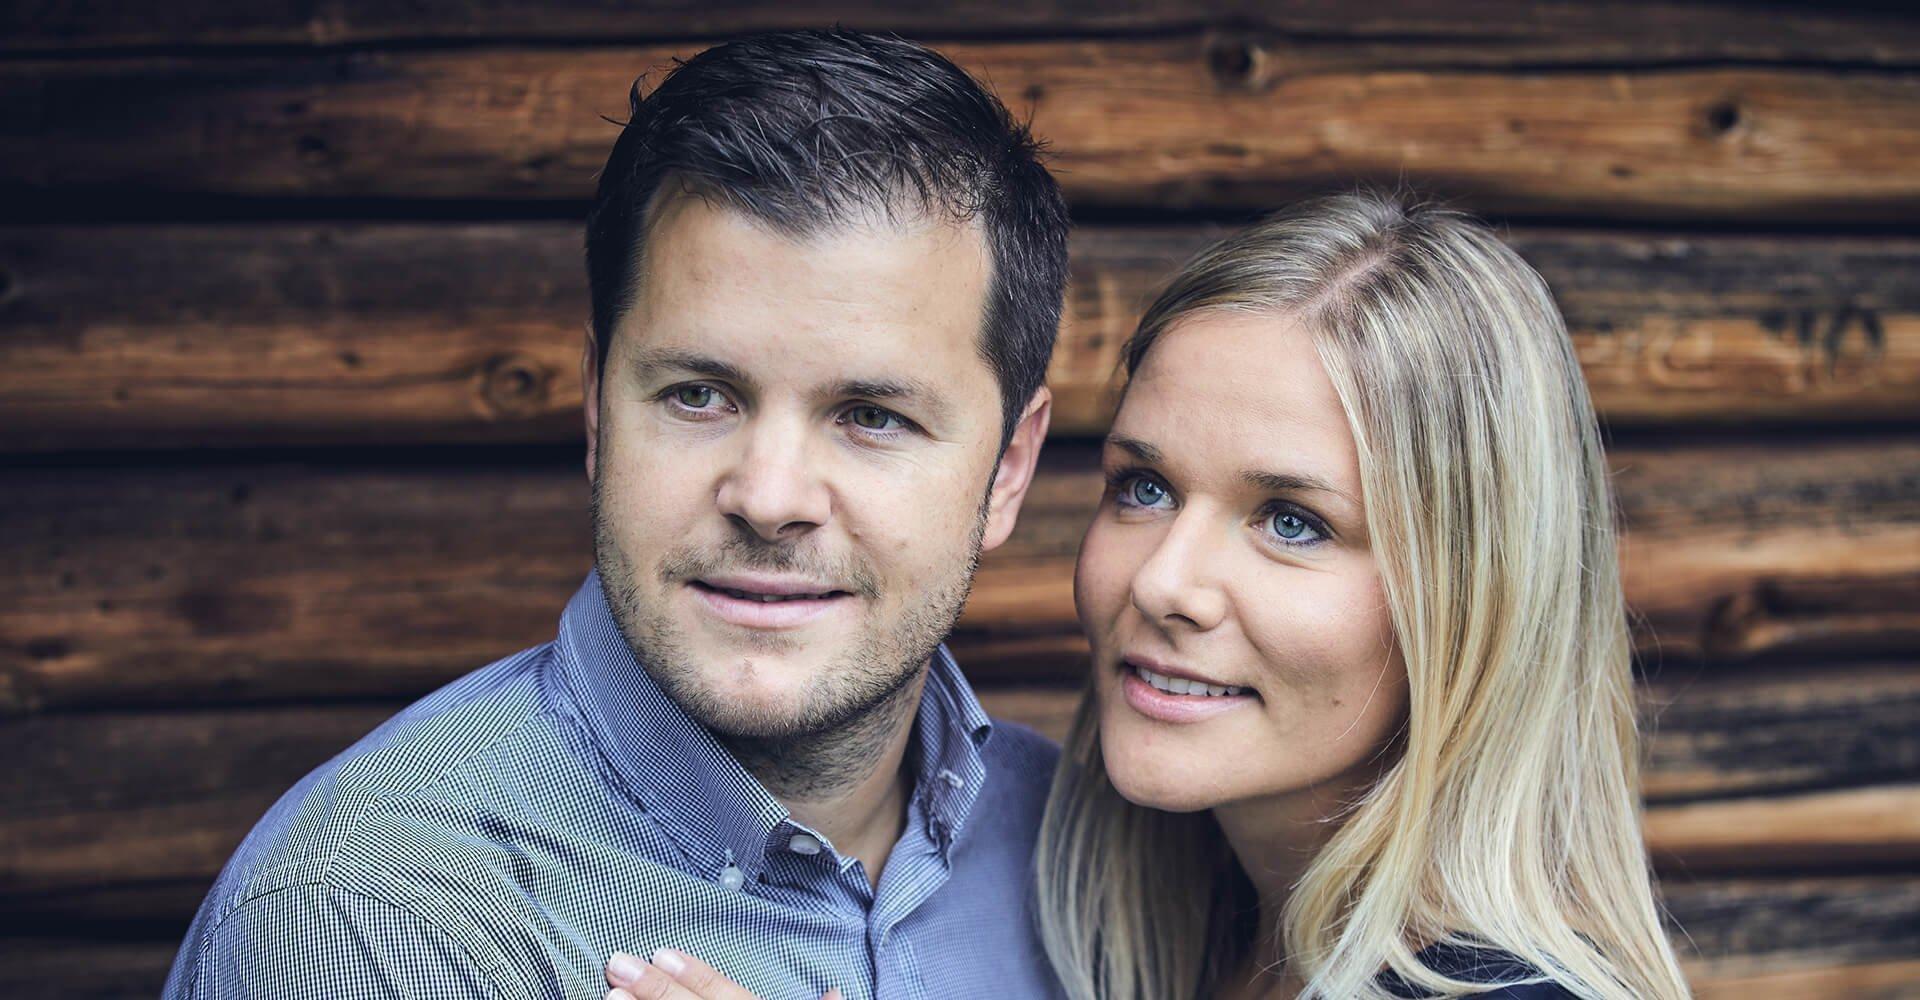 Gastgeber | Bettina Weger & Daniel Fischnaller